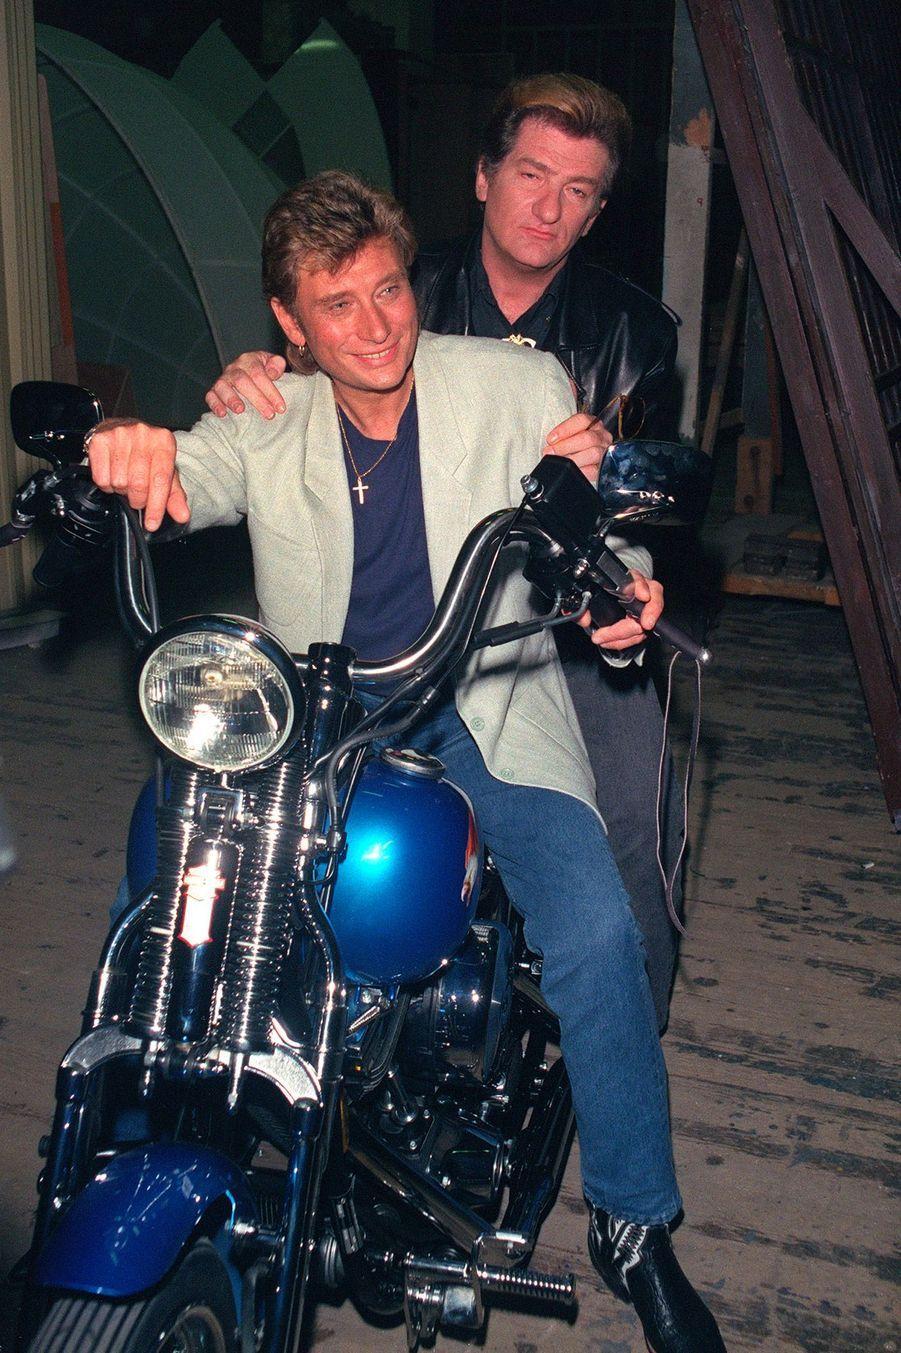 """Le chanteur Johnny Hallyday, accompagné de son ami Eddy Mitchell, pose sur la moto Harley Davidson qui lui a été offerte pour son 46è anniversaire dans le cadre de l'émission """"Sacrée Soirée"""" de Jean-Pierre Foucault dont il était l'invité, le 14 juin 1989."""